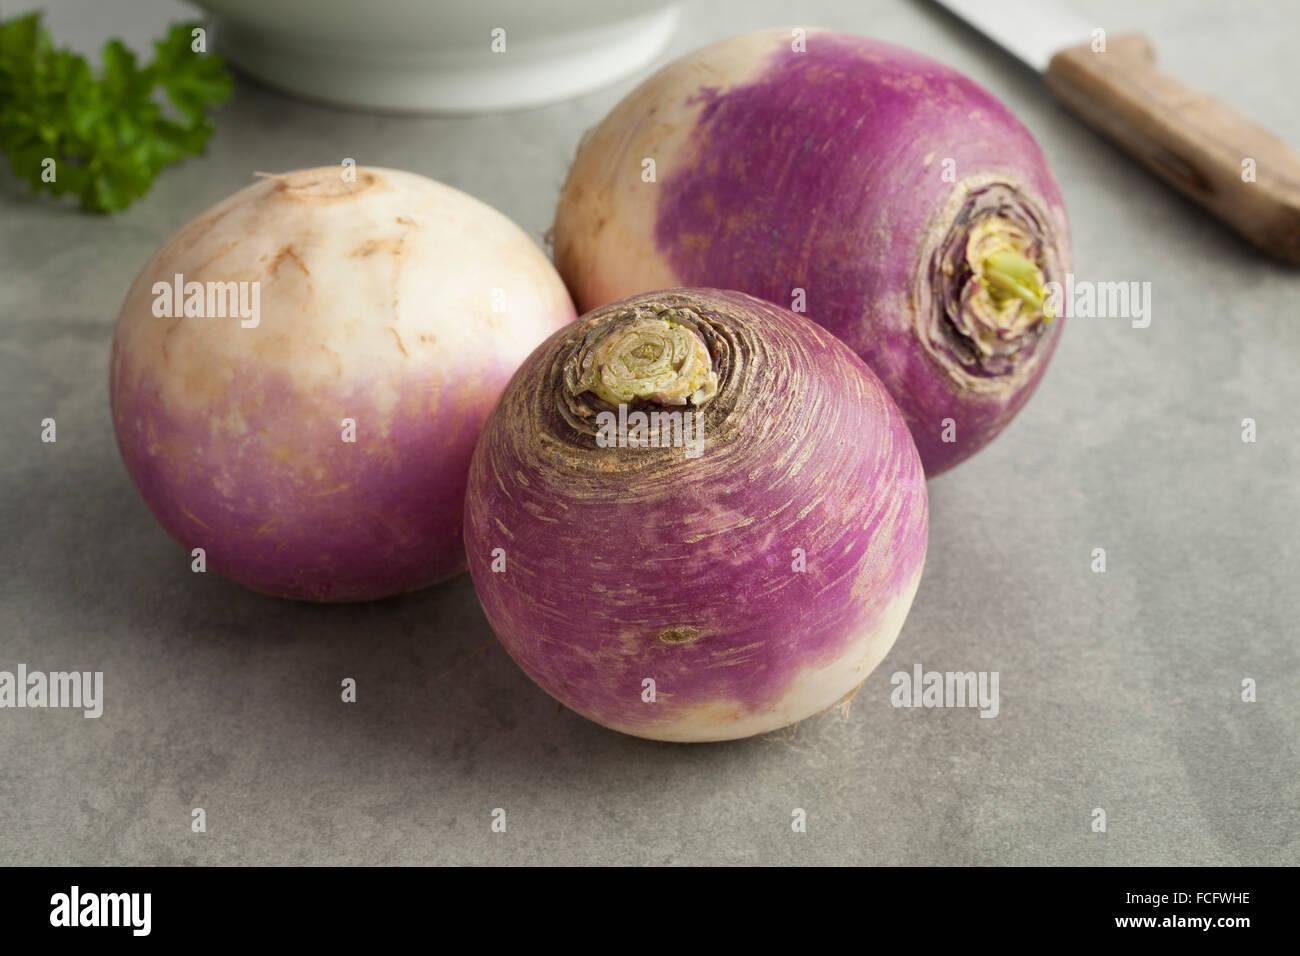 Fresh raw white turnips - Stock Image